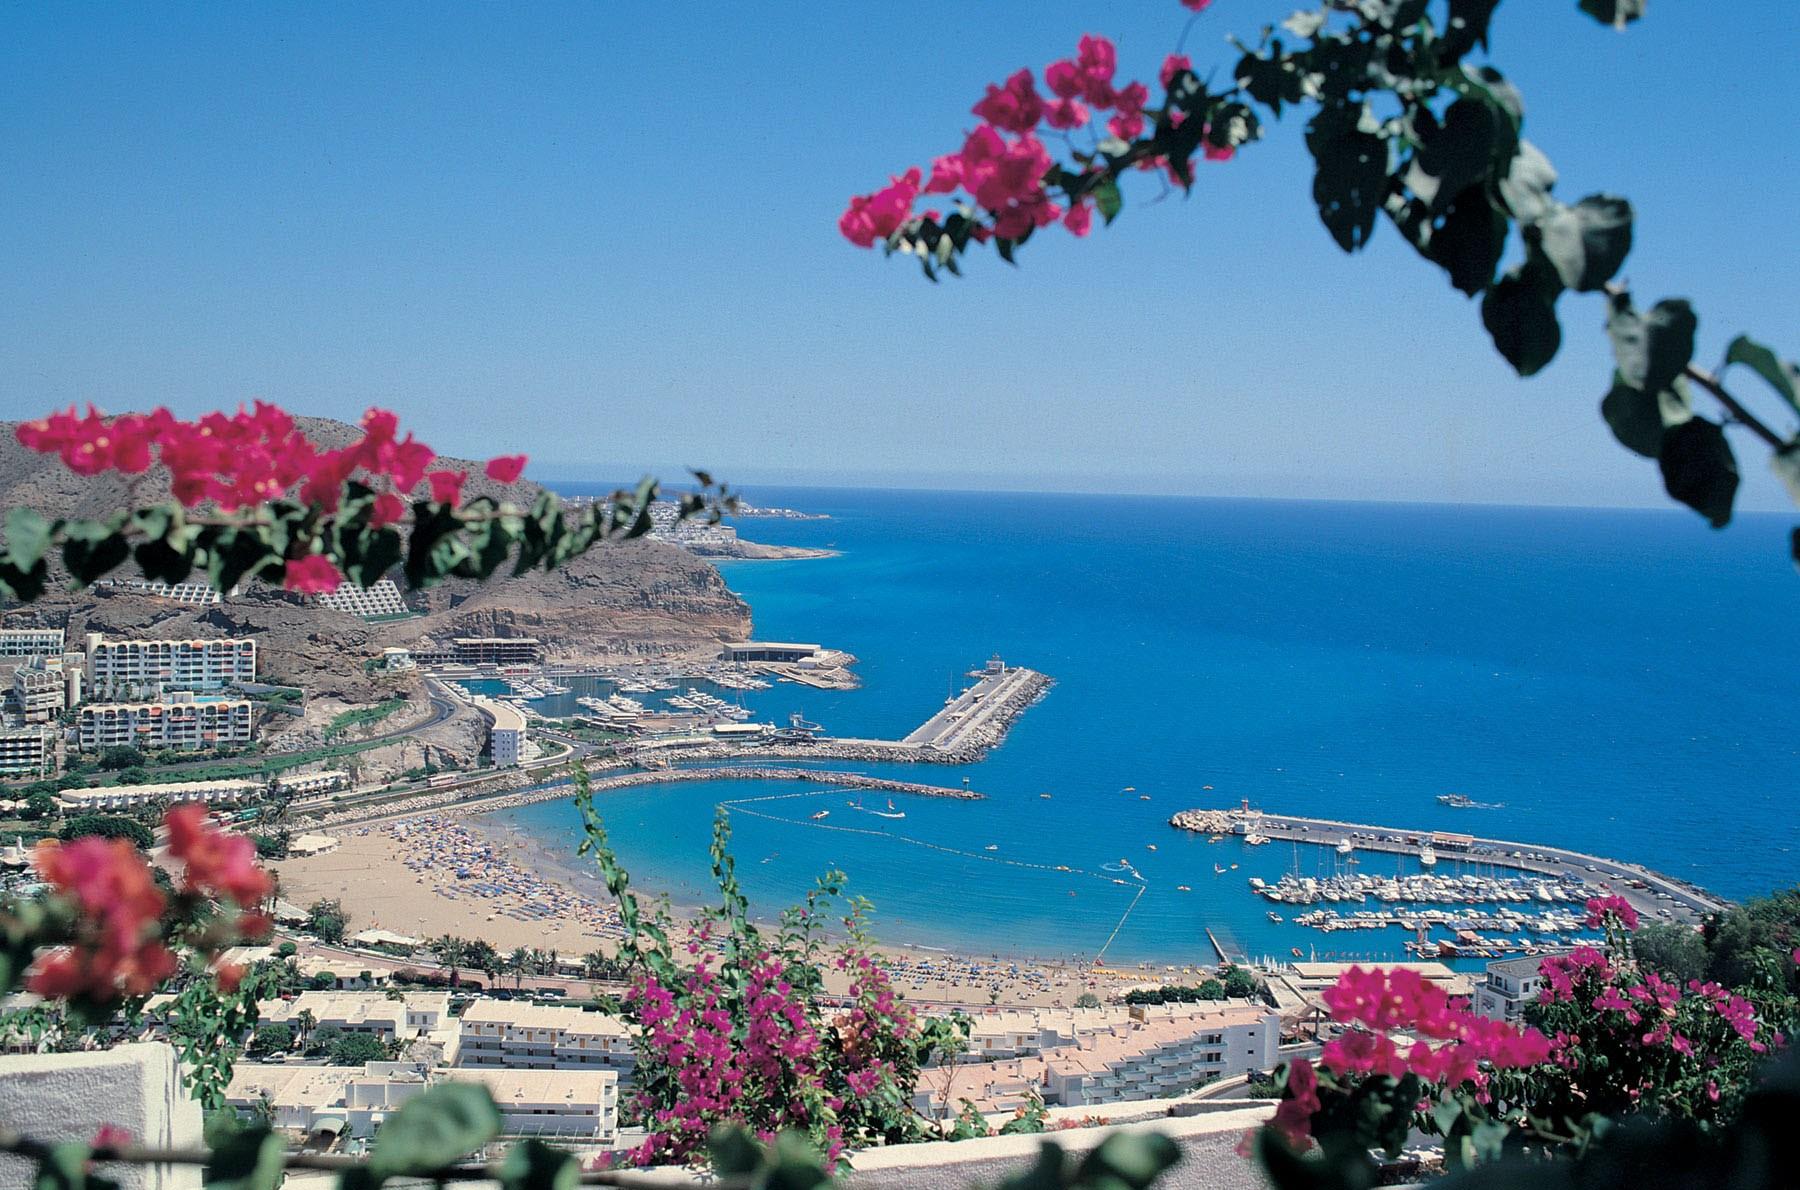 68 миллионов туристов побывали в Испании в 2015 г.